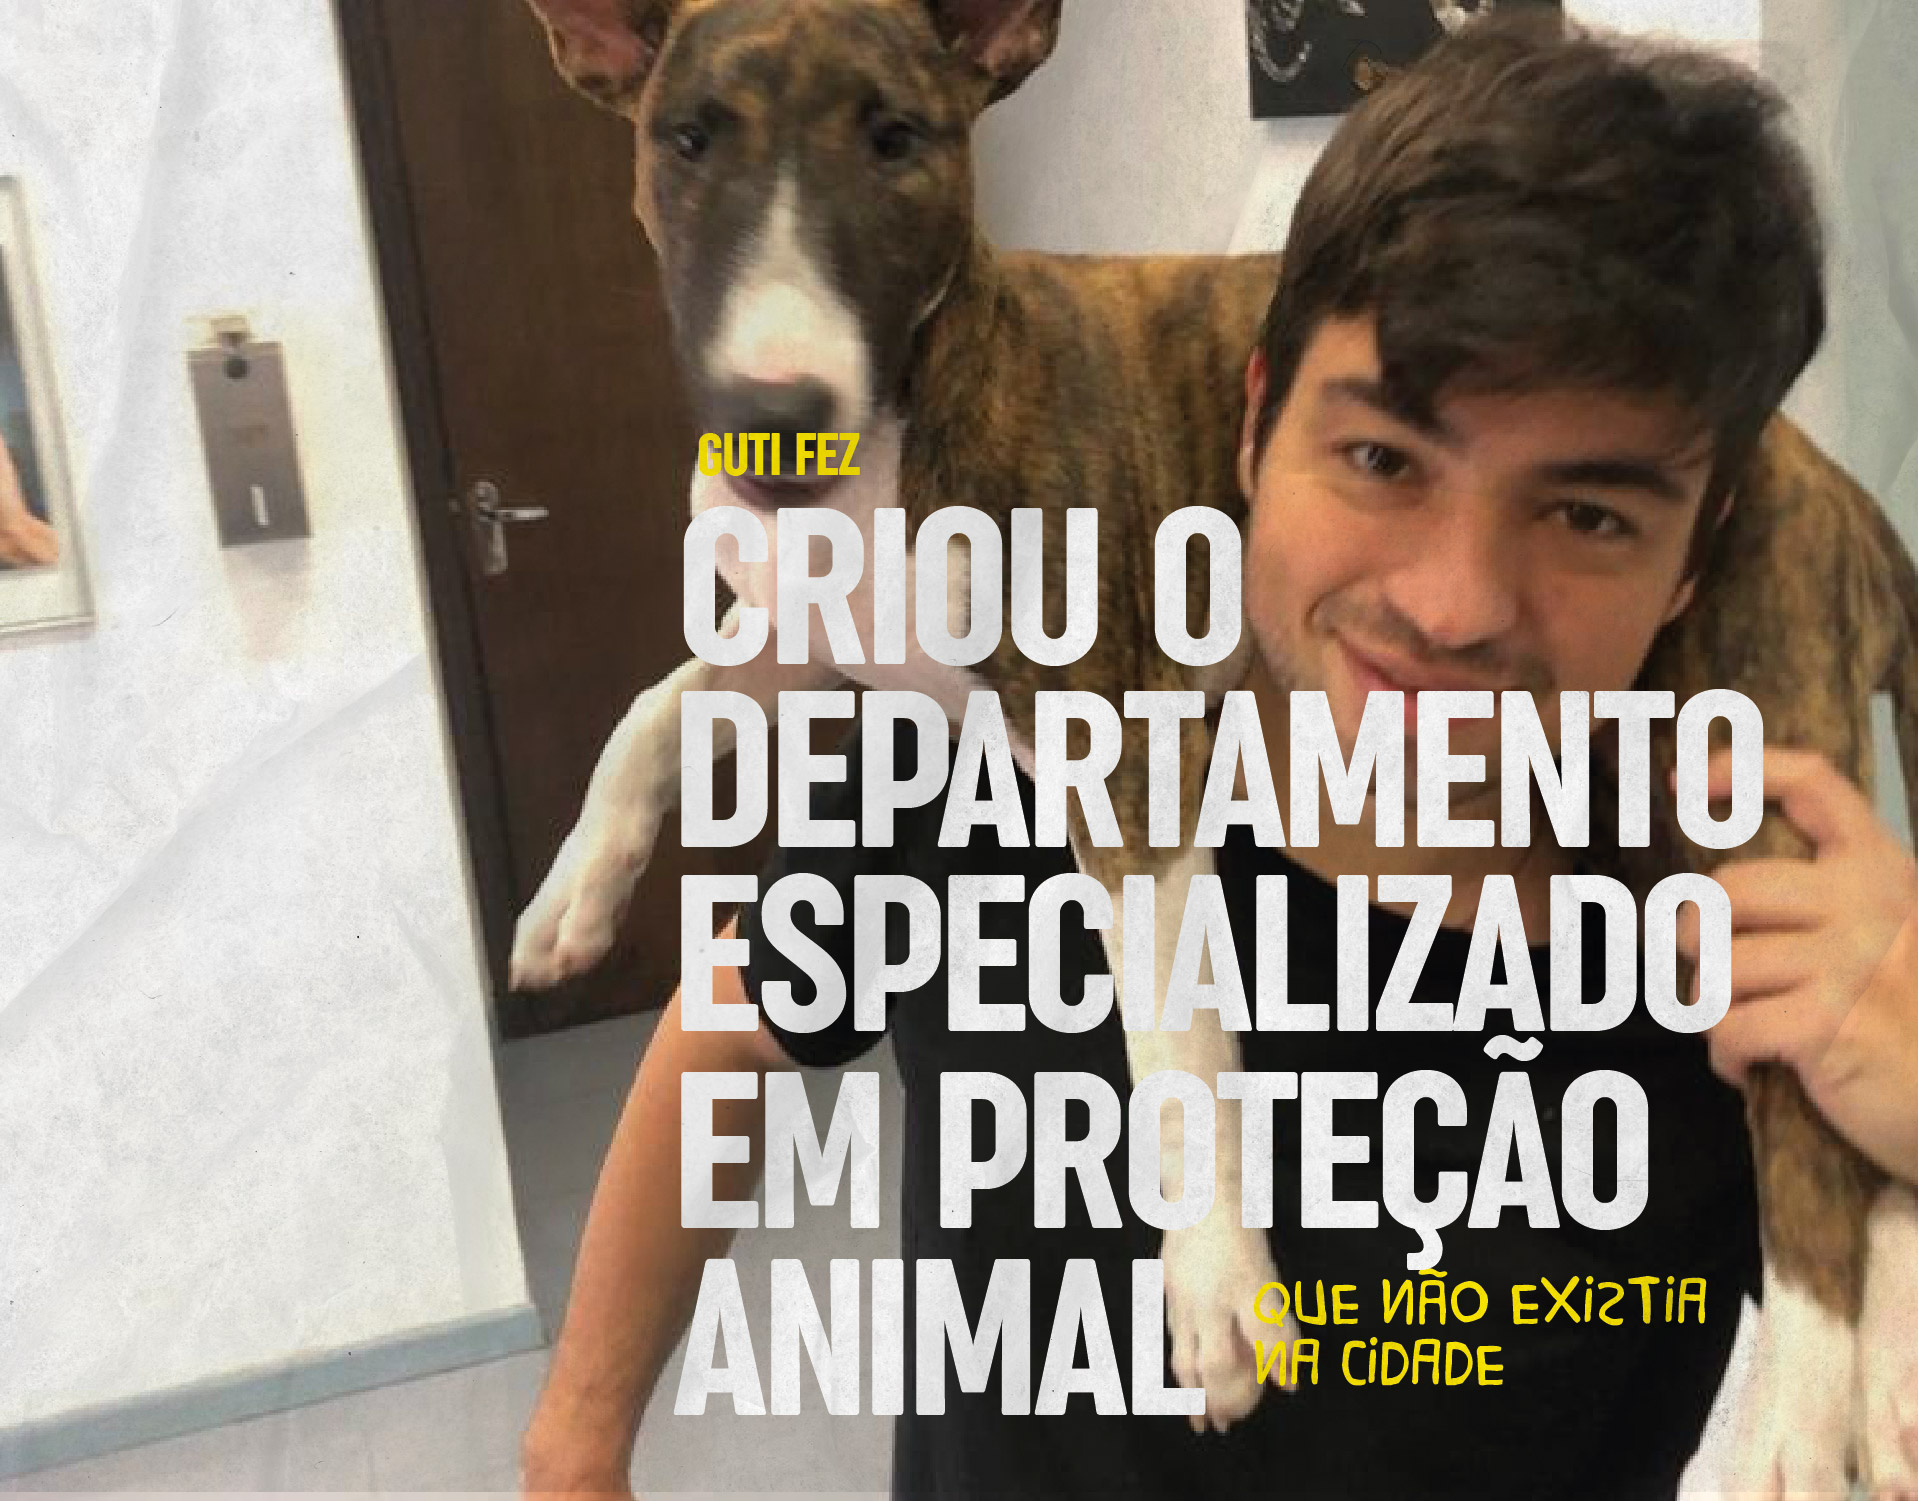 Criou o departamento especializado em proteção animal